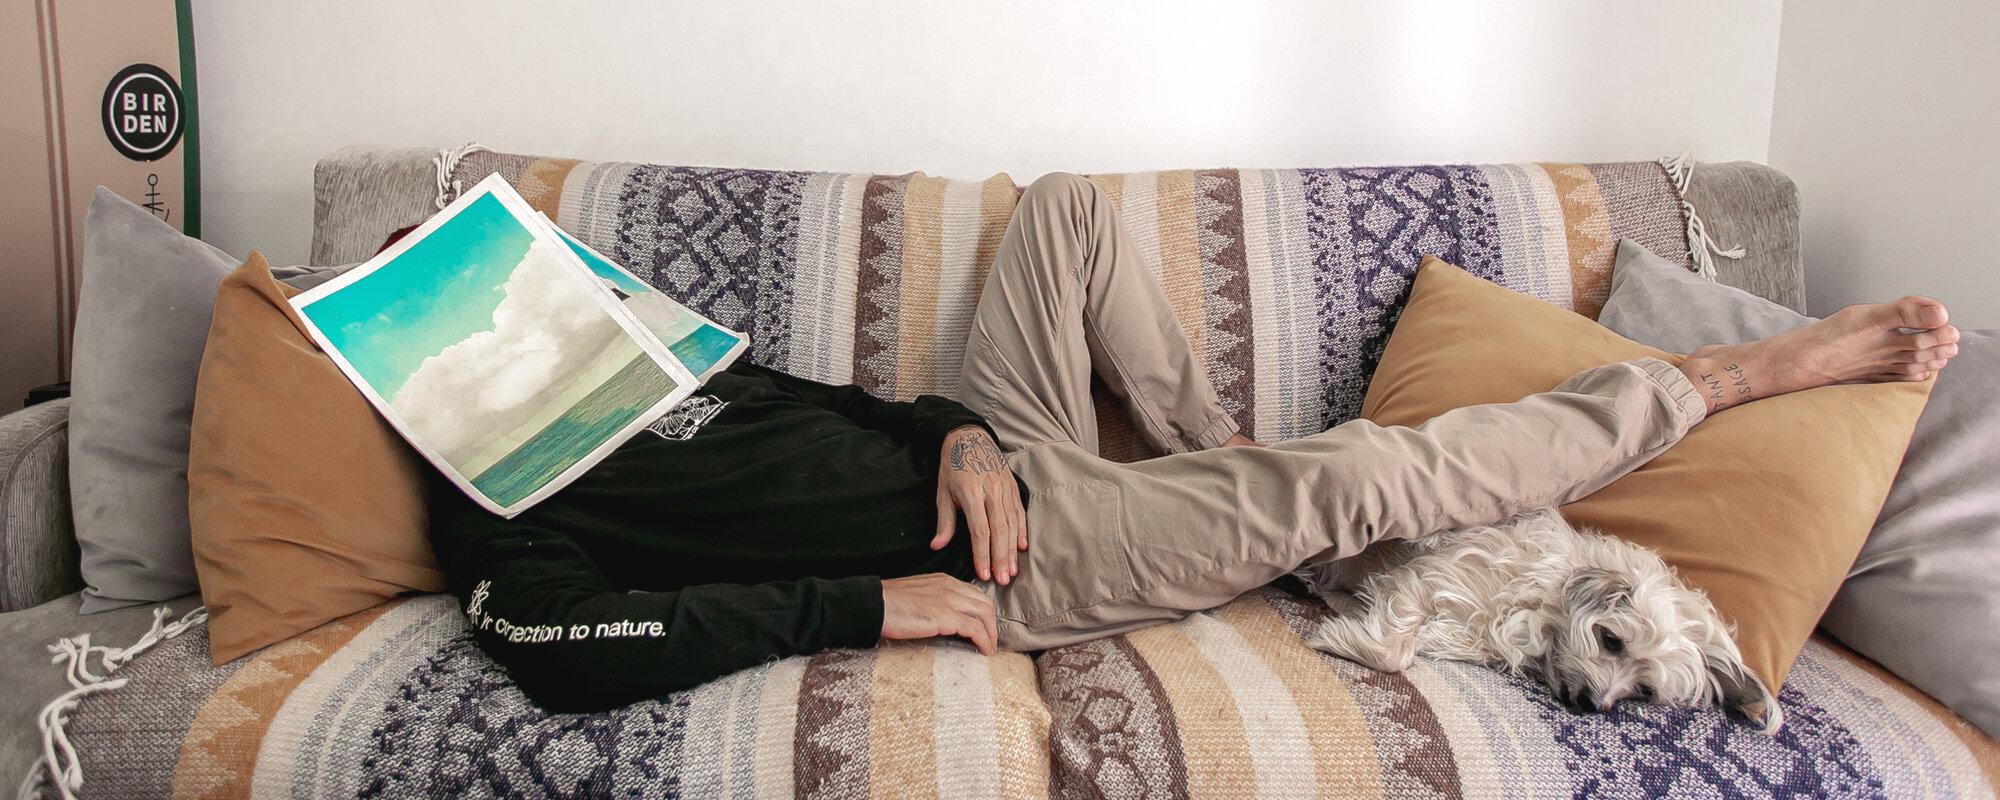 COMFY OUTFIT - Uma coleção guiada pelo design e conforto